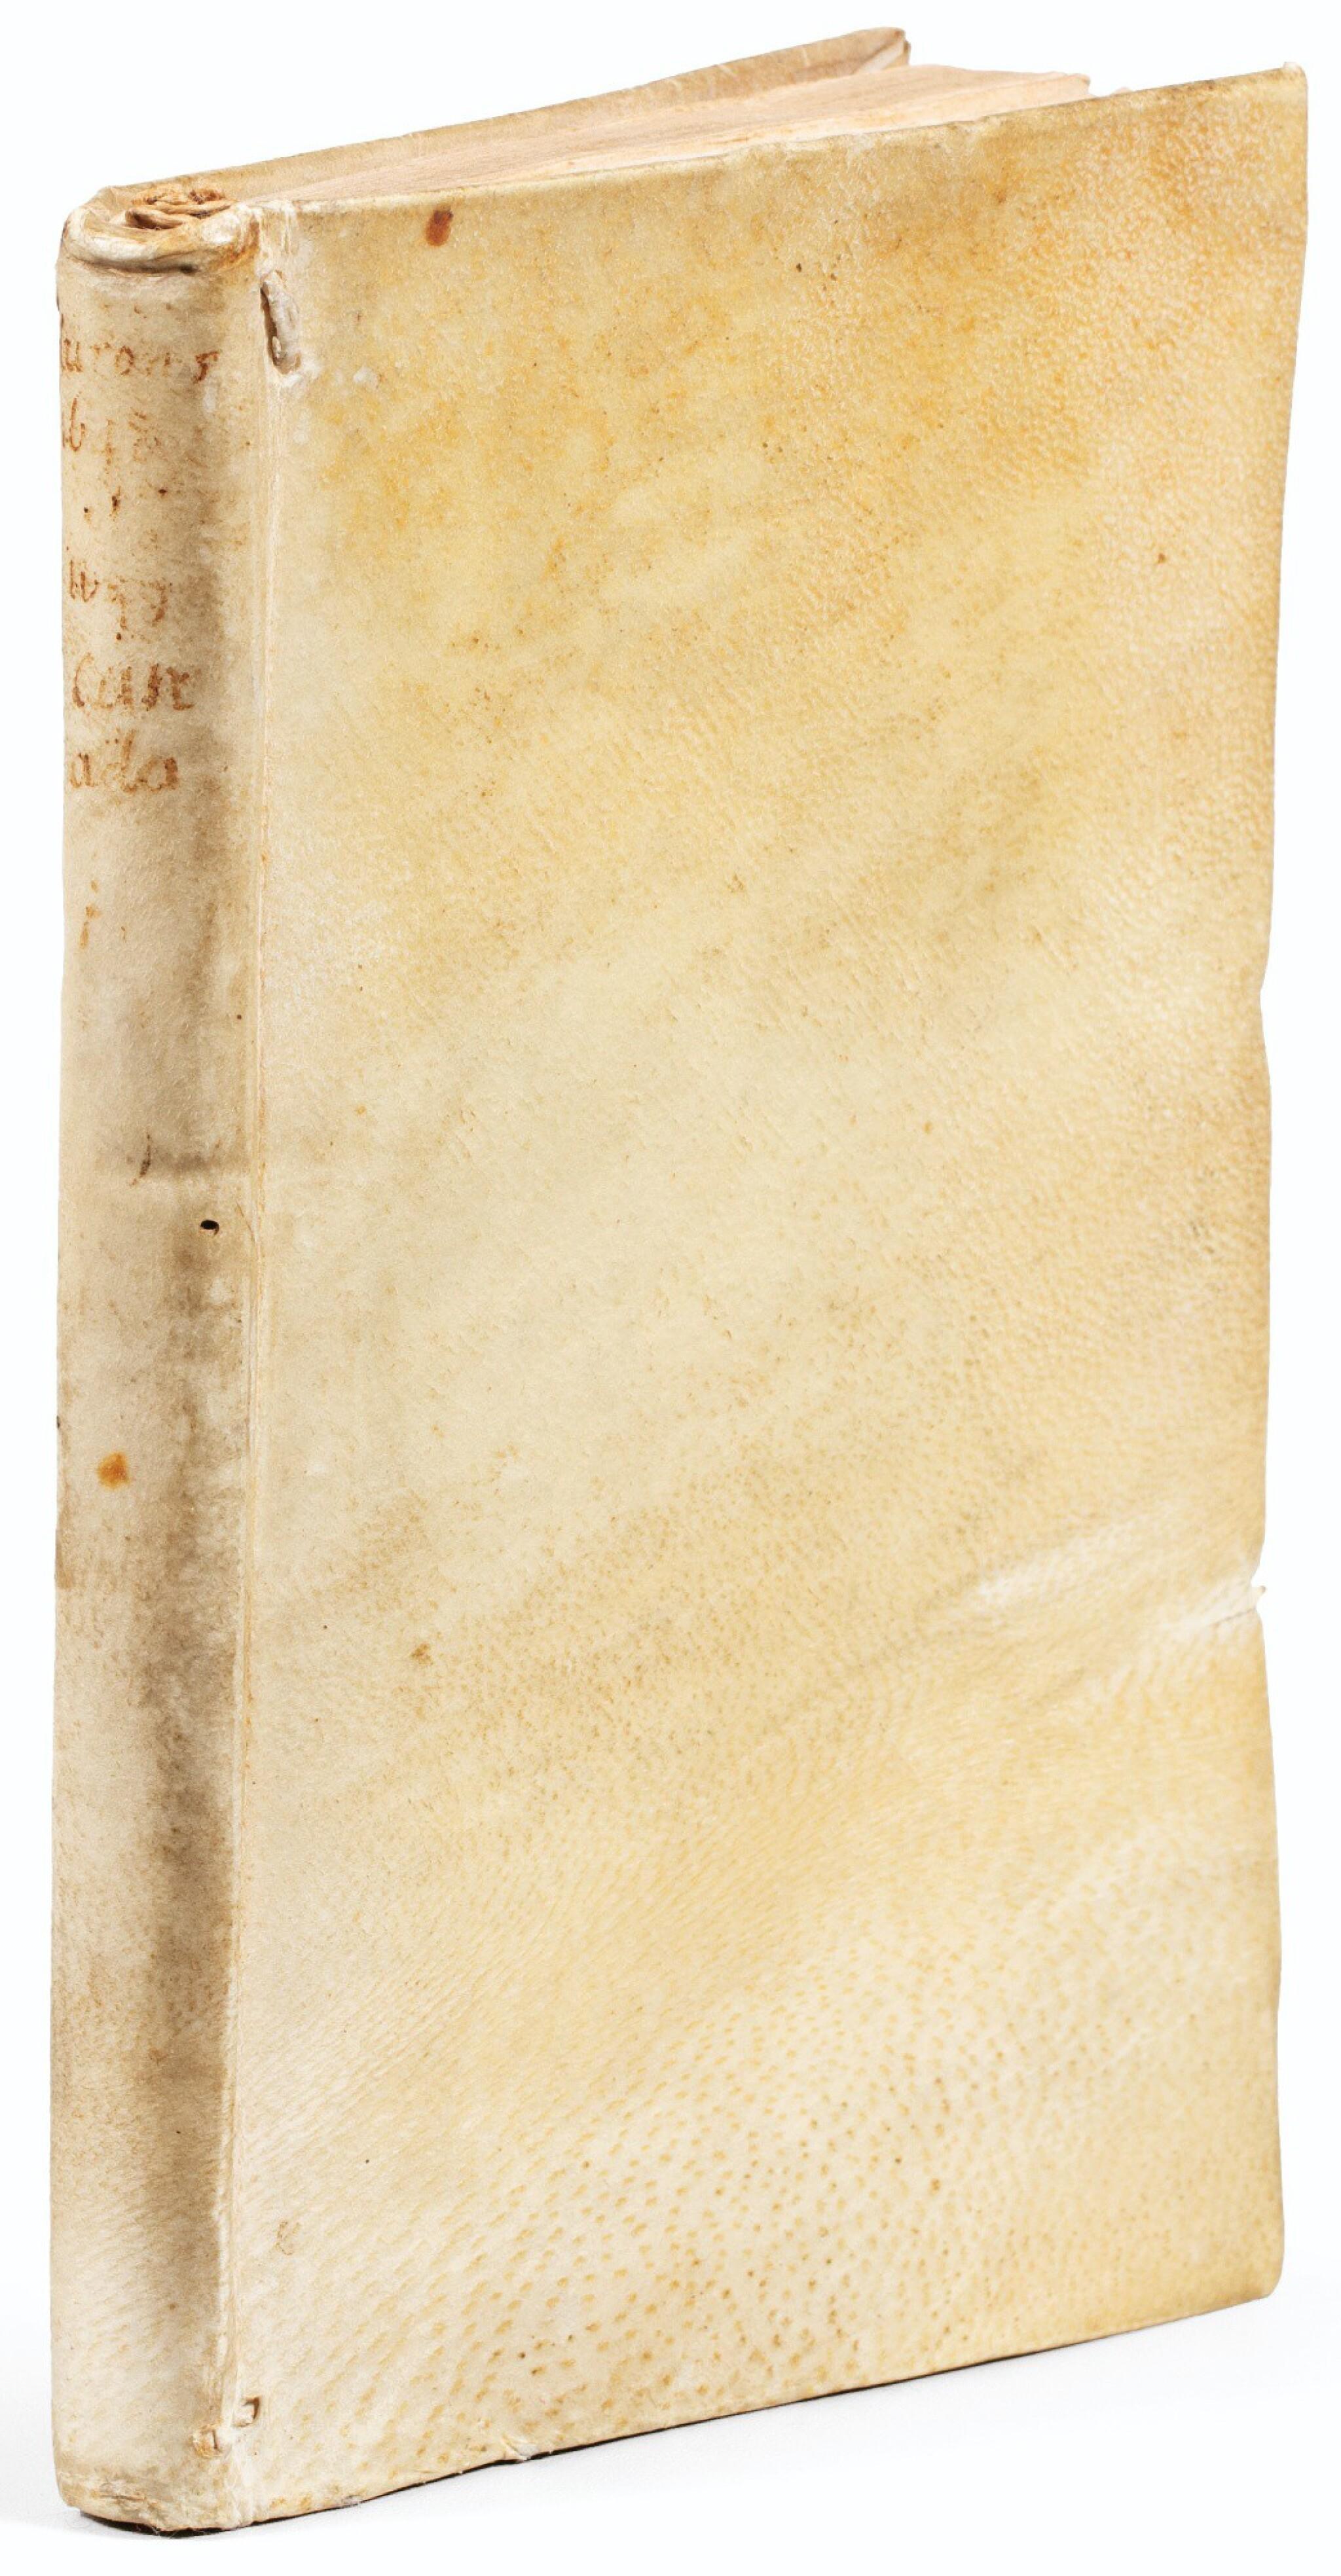 View full screen - View 1 of Lot 107. RAGUENEAU. Relation de ce qui s'est passé en la Mission des Peres de la Compagnie de Iesus. 1650. Vélin de l'ép. 2e éd..